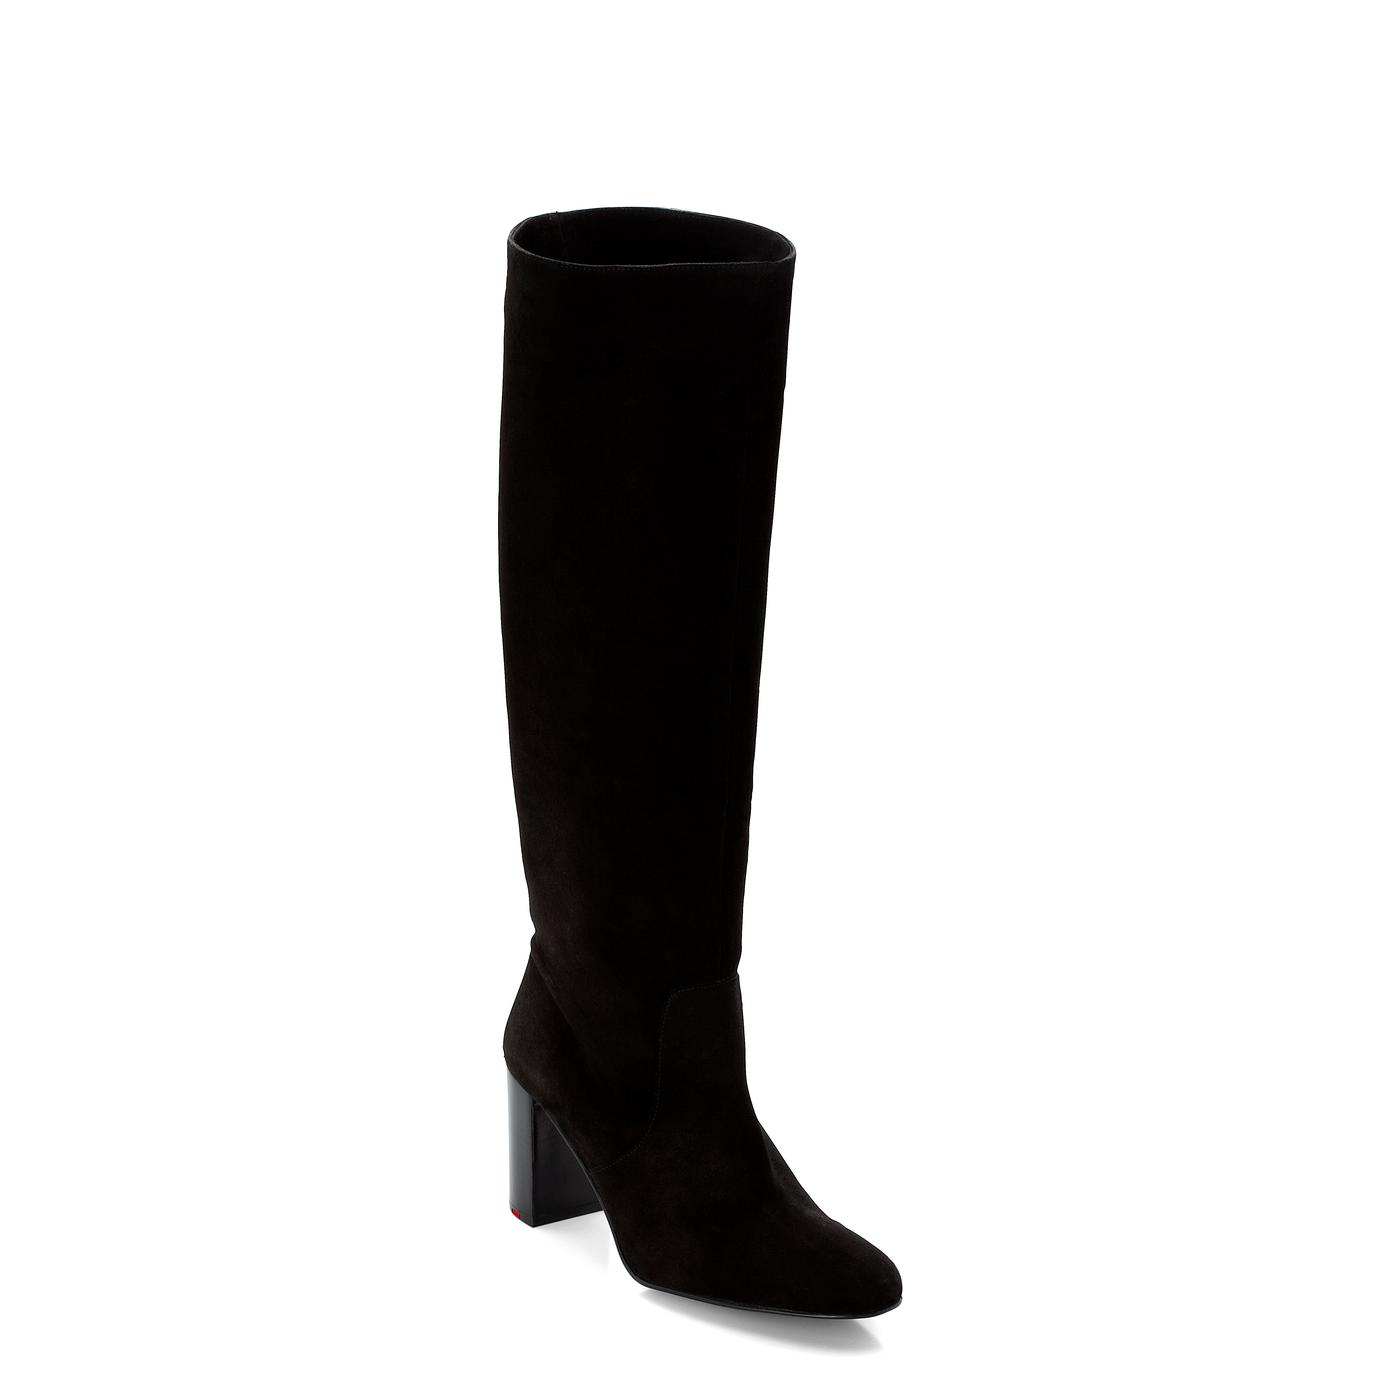 Stiefel | Schuhe > Stiefel > Sonstige Stiefel | Schwarz | Glattleder -  leder | LLOYD